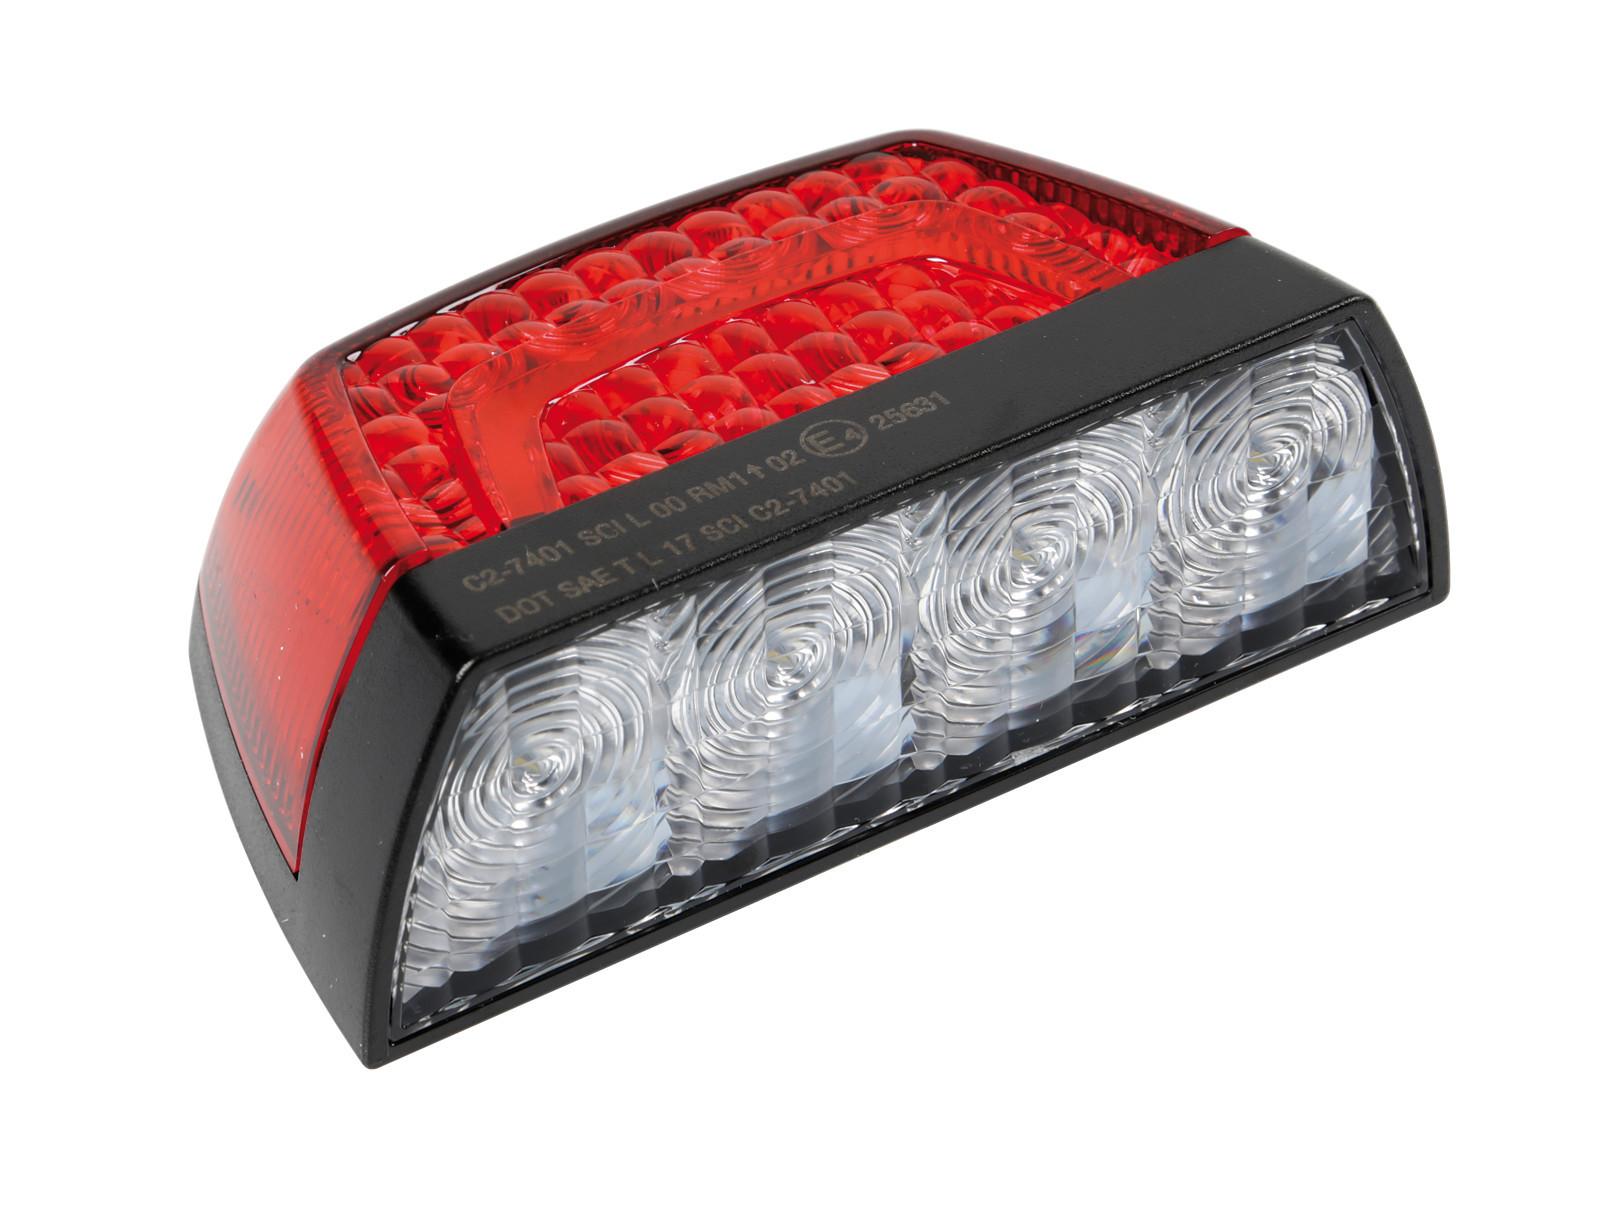 Fanale posteriore a led illuminazione targa e luce di posizione